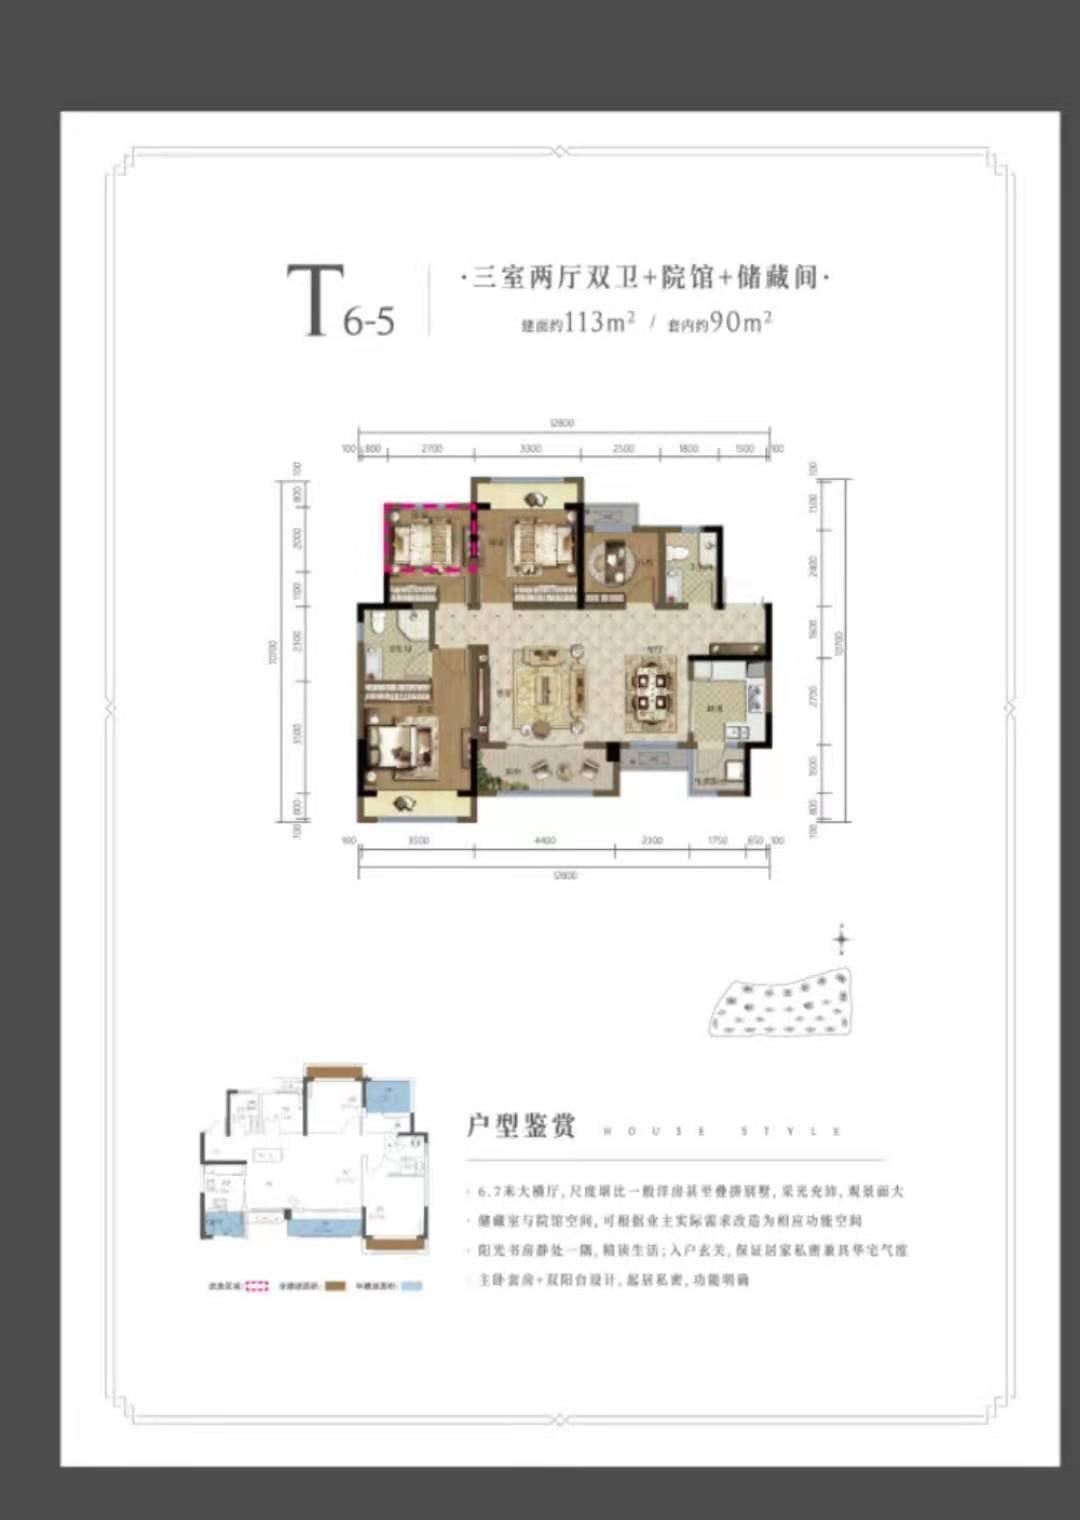 渝北区两路空港中国摩新房T6-5户型图